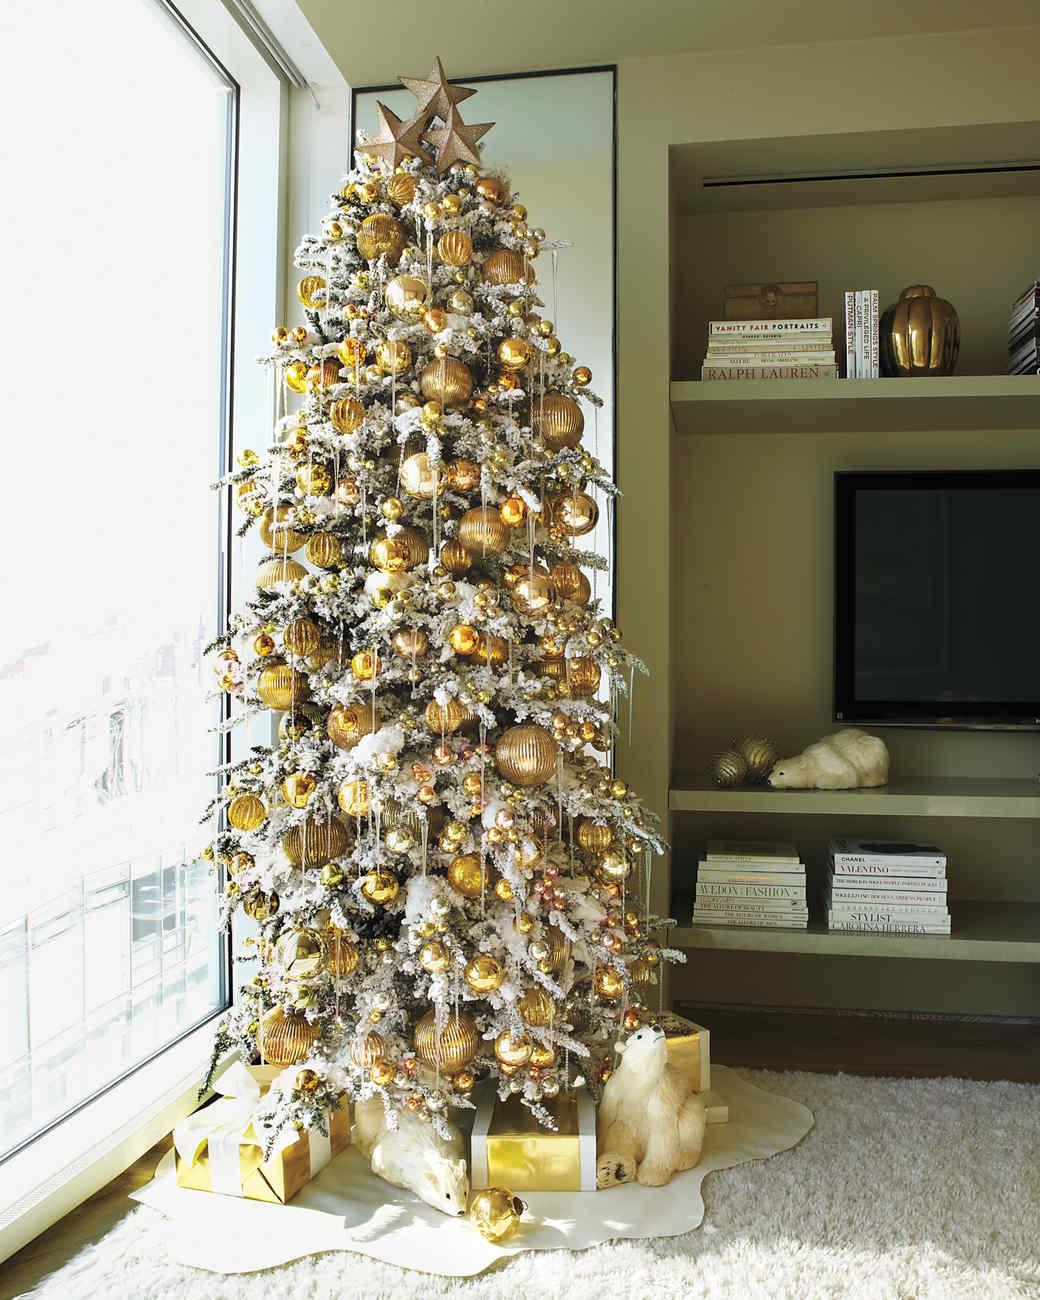 Kentucky Afield al aire libre: Utilice su viejo árbol de Navidad para hacer nuevo hábitat de los peces en los lagos | Noticias del lago